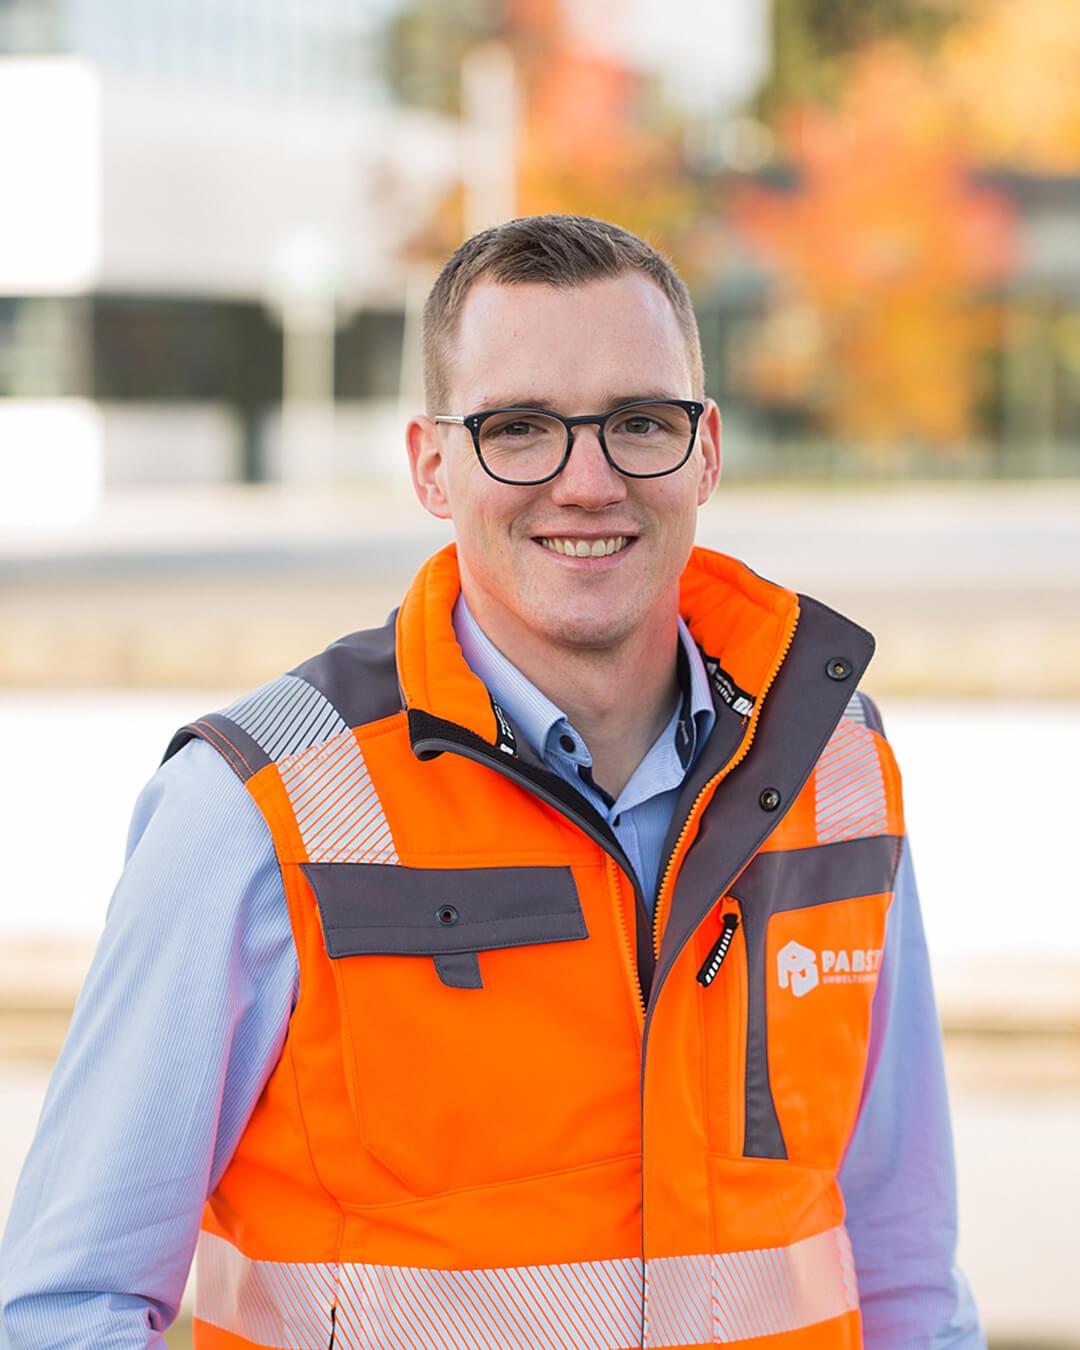 Matthias Pabst, Geschäftsführer der Pabst Umweltservice GmbH